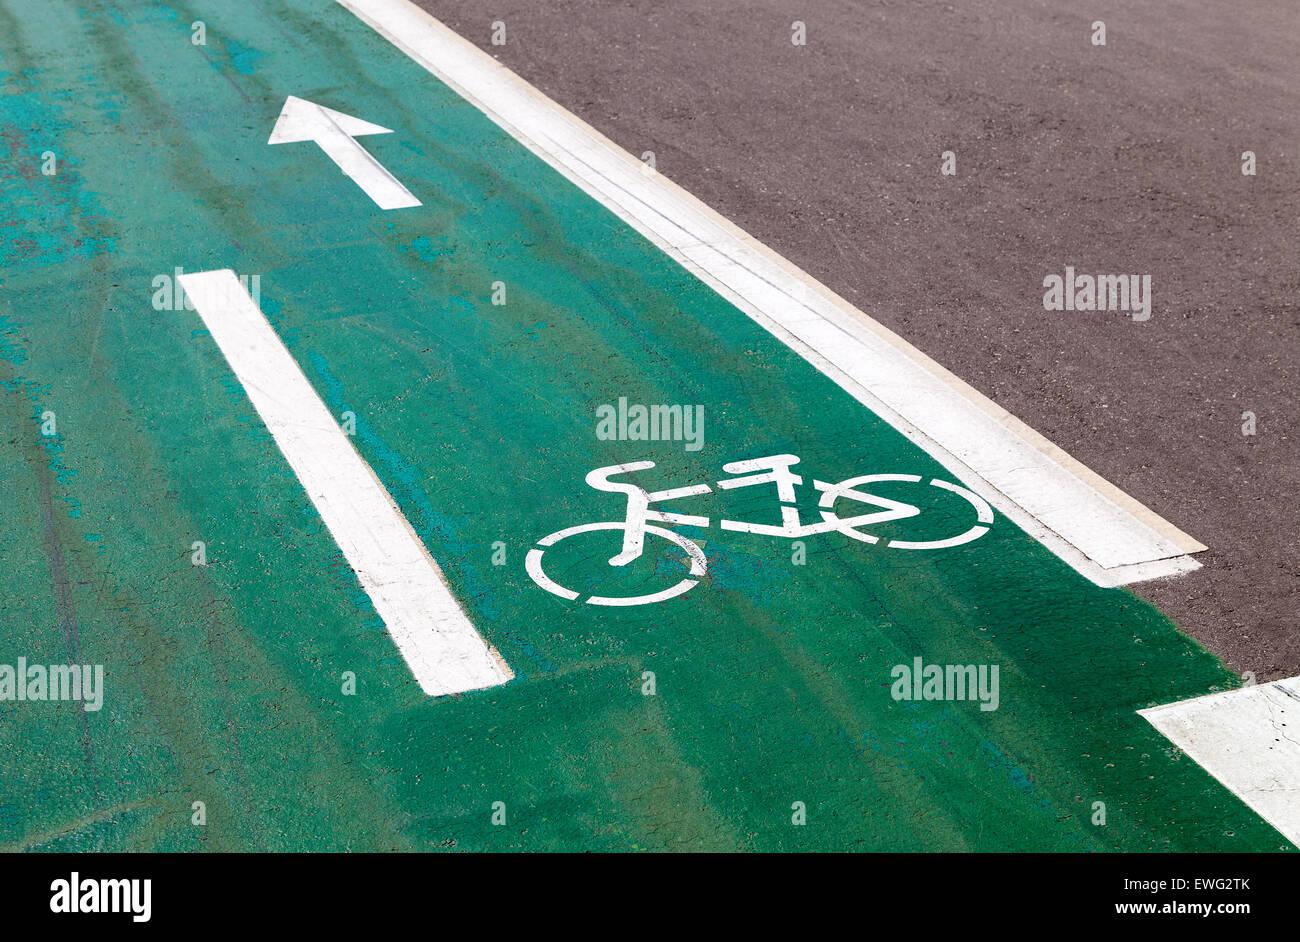 Fahrrad-Schild auf Fahrradweg Stockbild